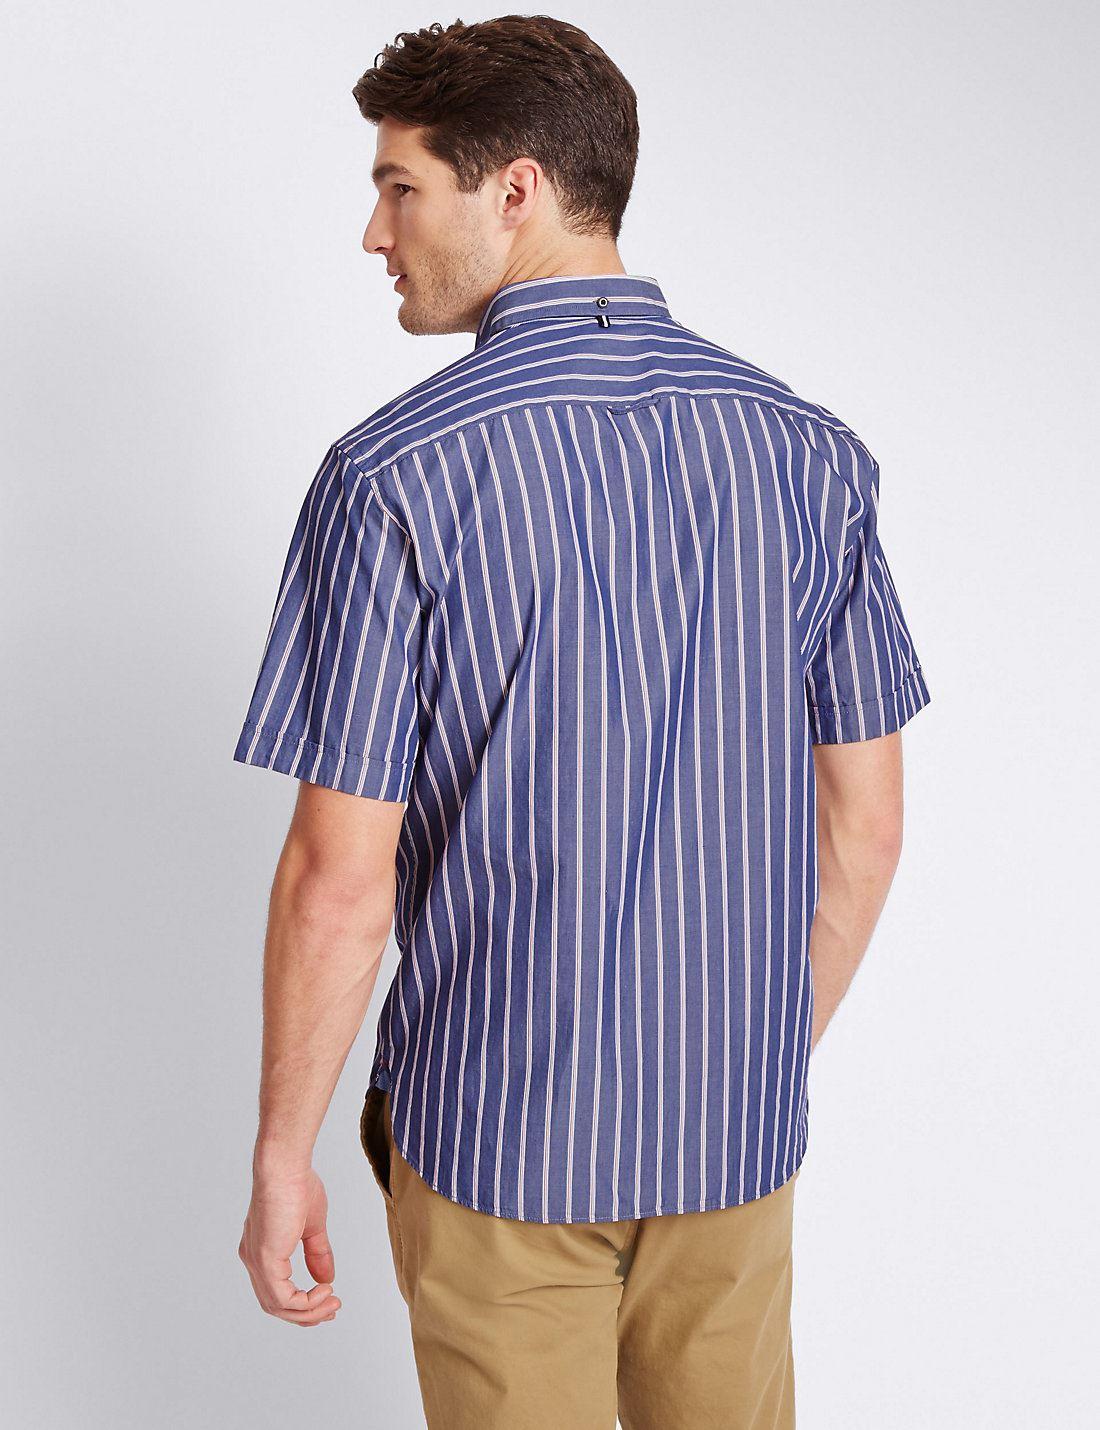 EX M/&s Marks and Spencer Puro Cotone Manica Corta Camicia A Righe